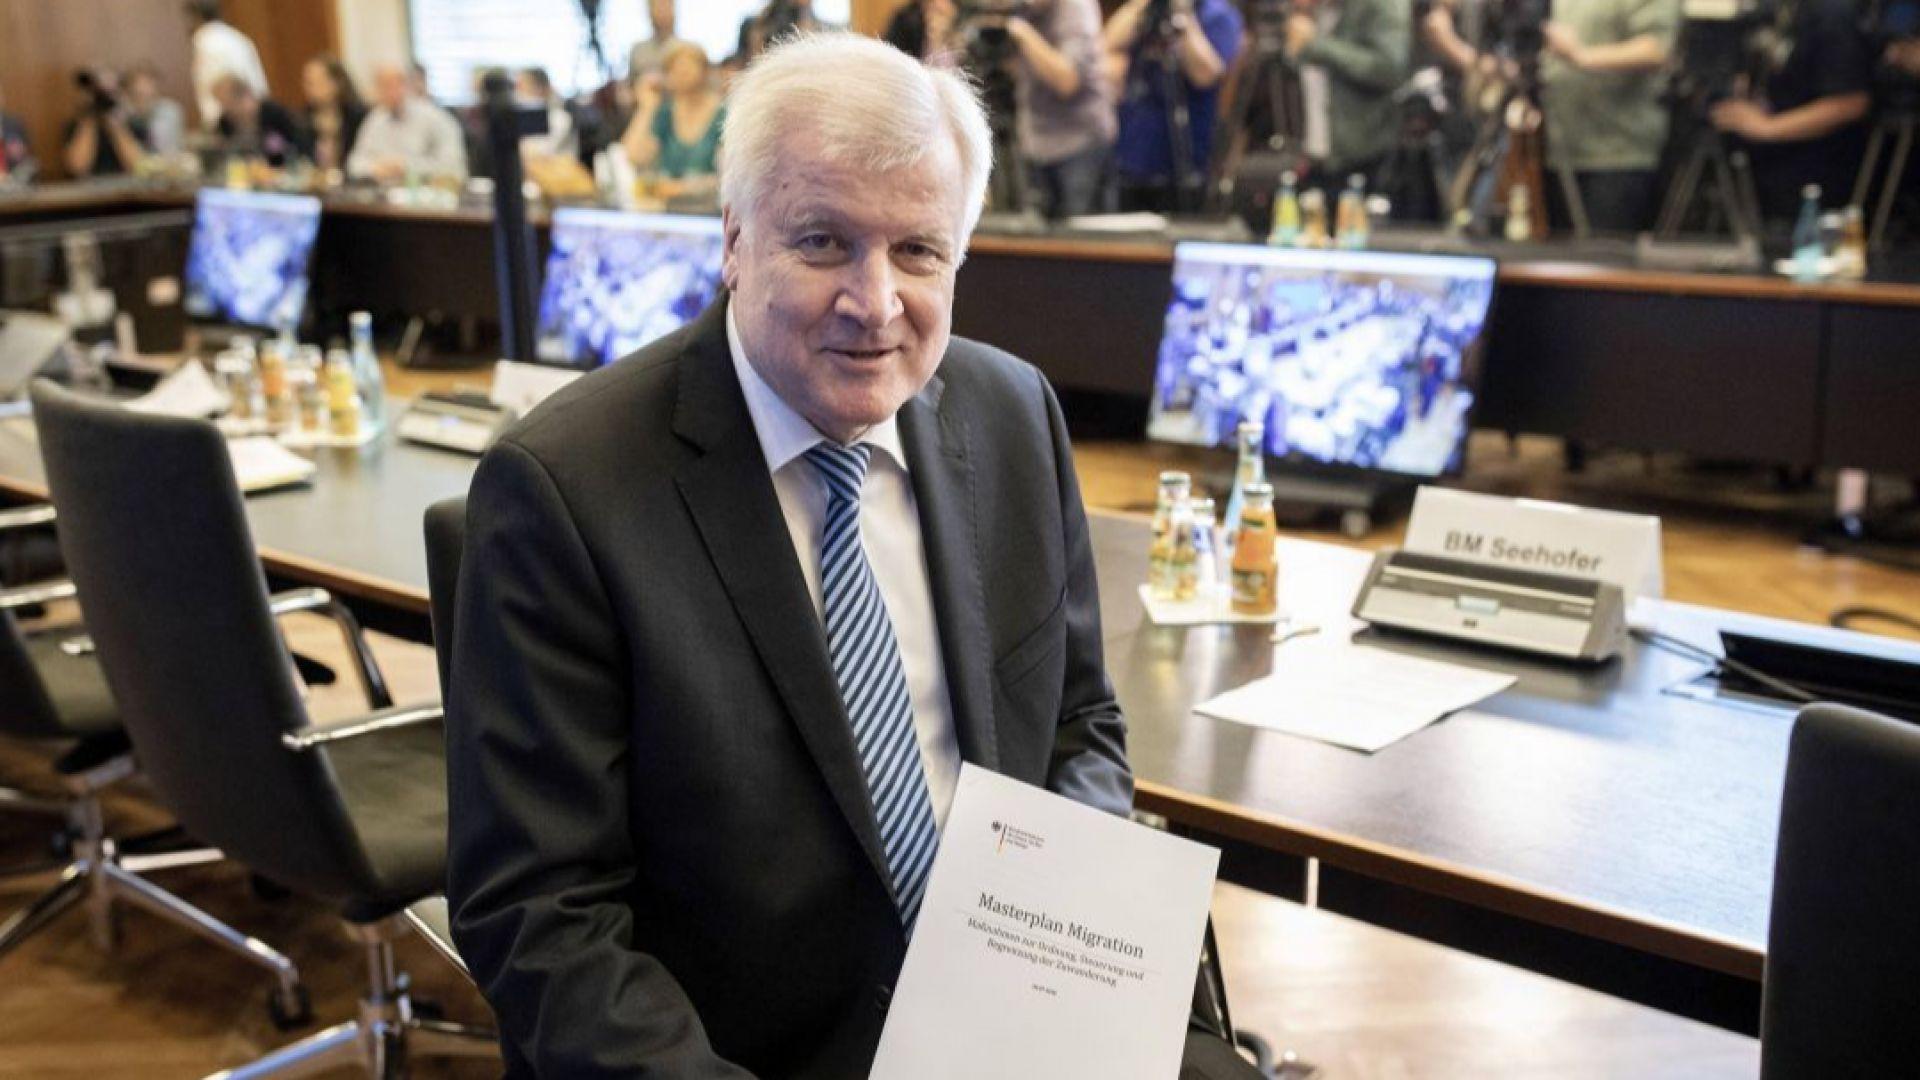 Искат оставката на Зеехофер след самоубийството на мигрант